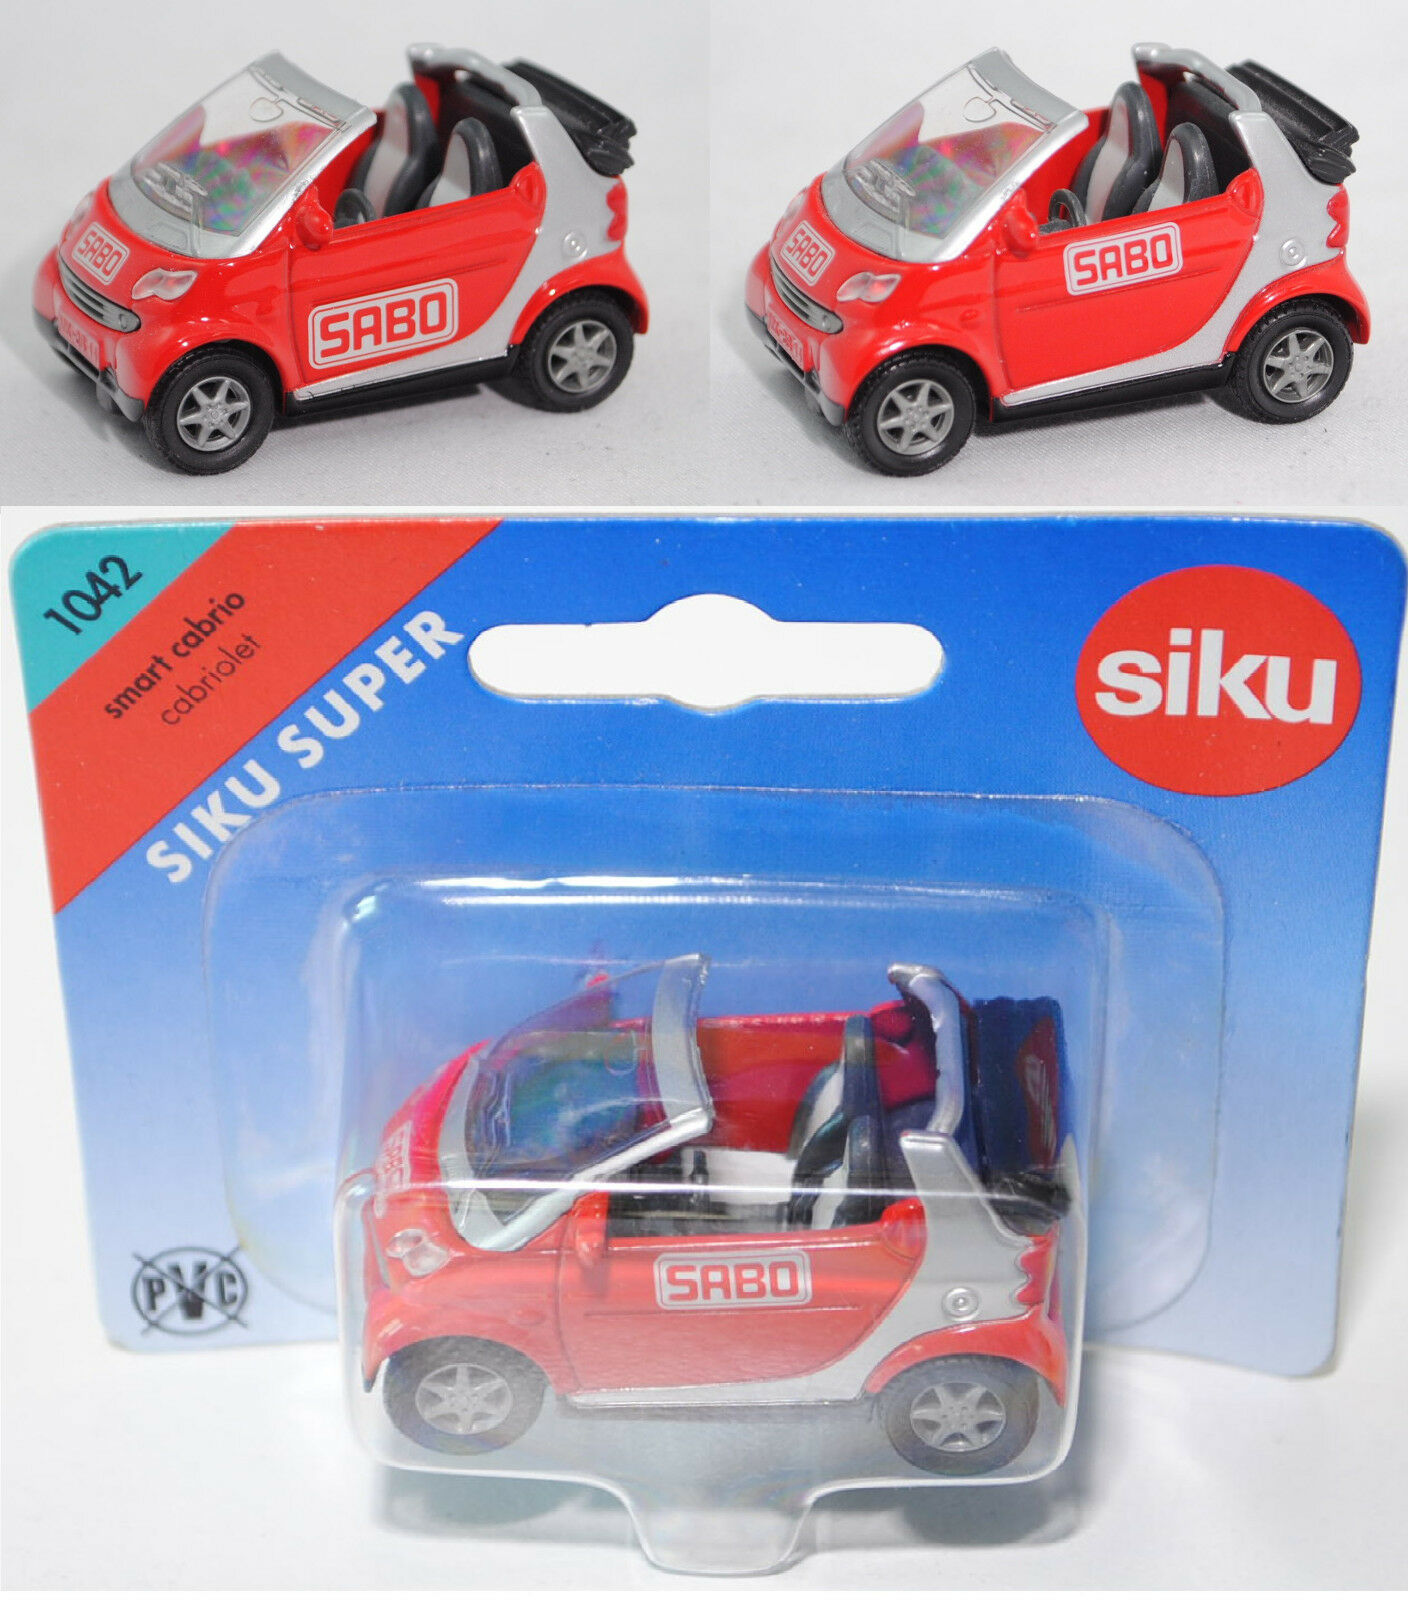 Siku Super 1042 smart fortwo cabrio passion, SABO, ca. 1 50, Werbemodell  | Die Königin Der Qualität